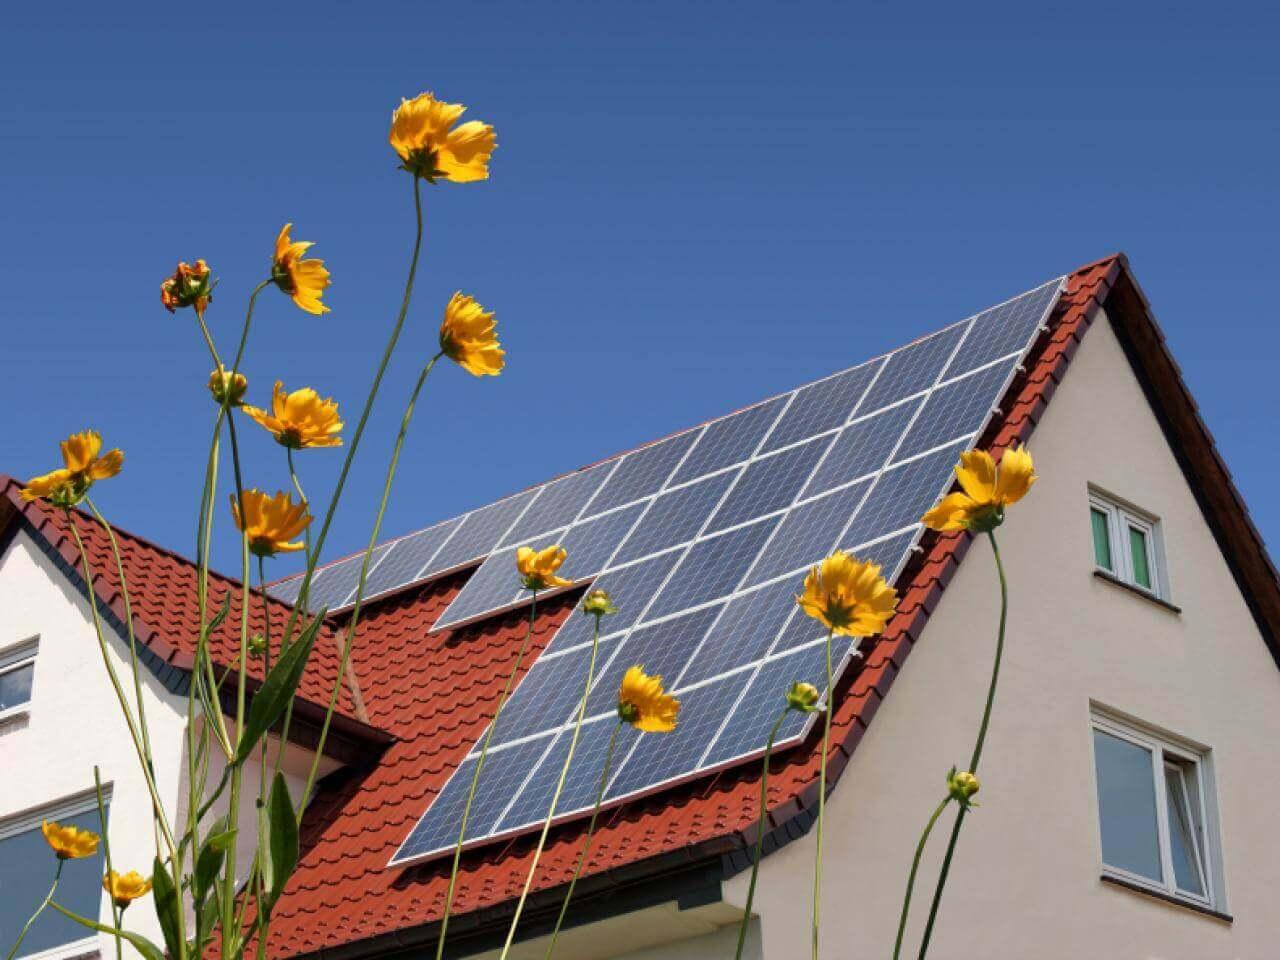 ABD Güneş Panellerine Soruşturma Başlattı